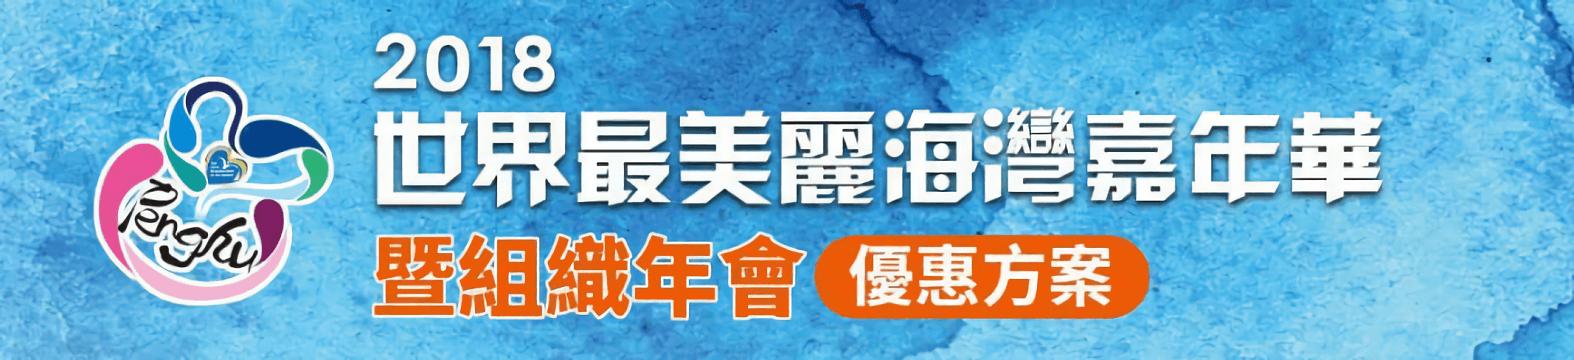 2018世界最美麗海灣嘉年華暨組織年會優惠方案(另開視窗)